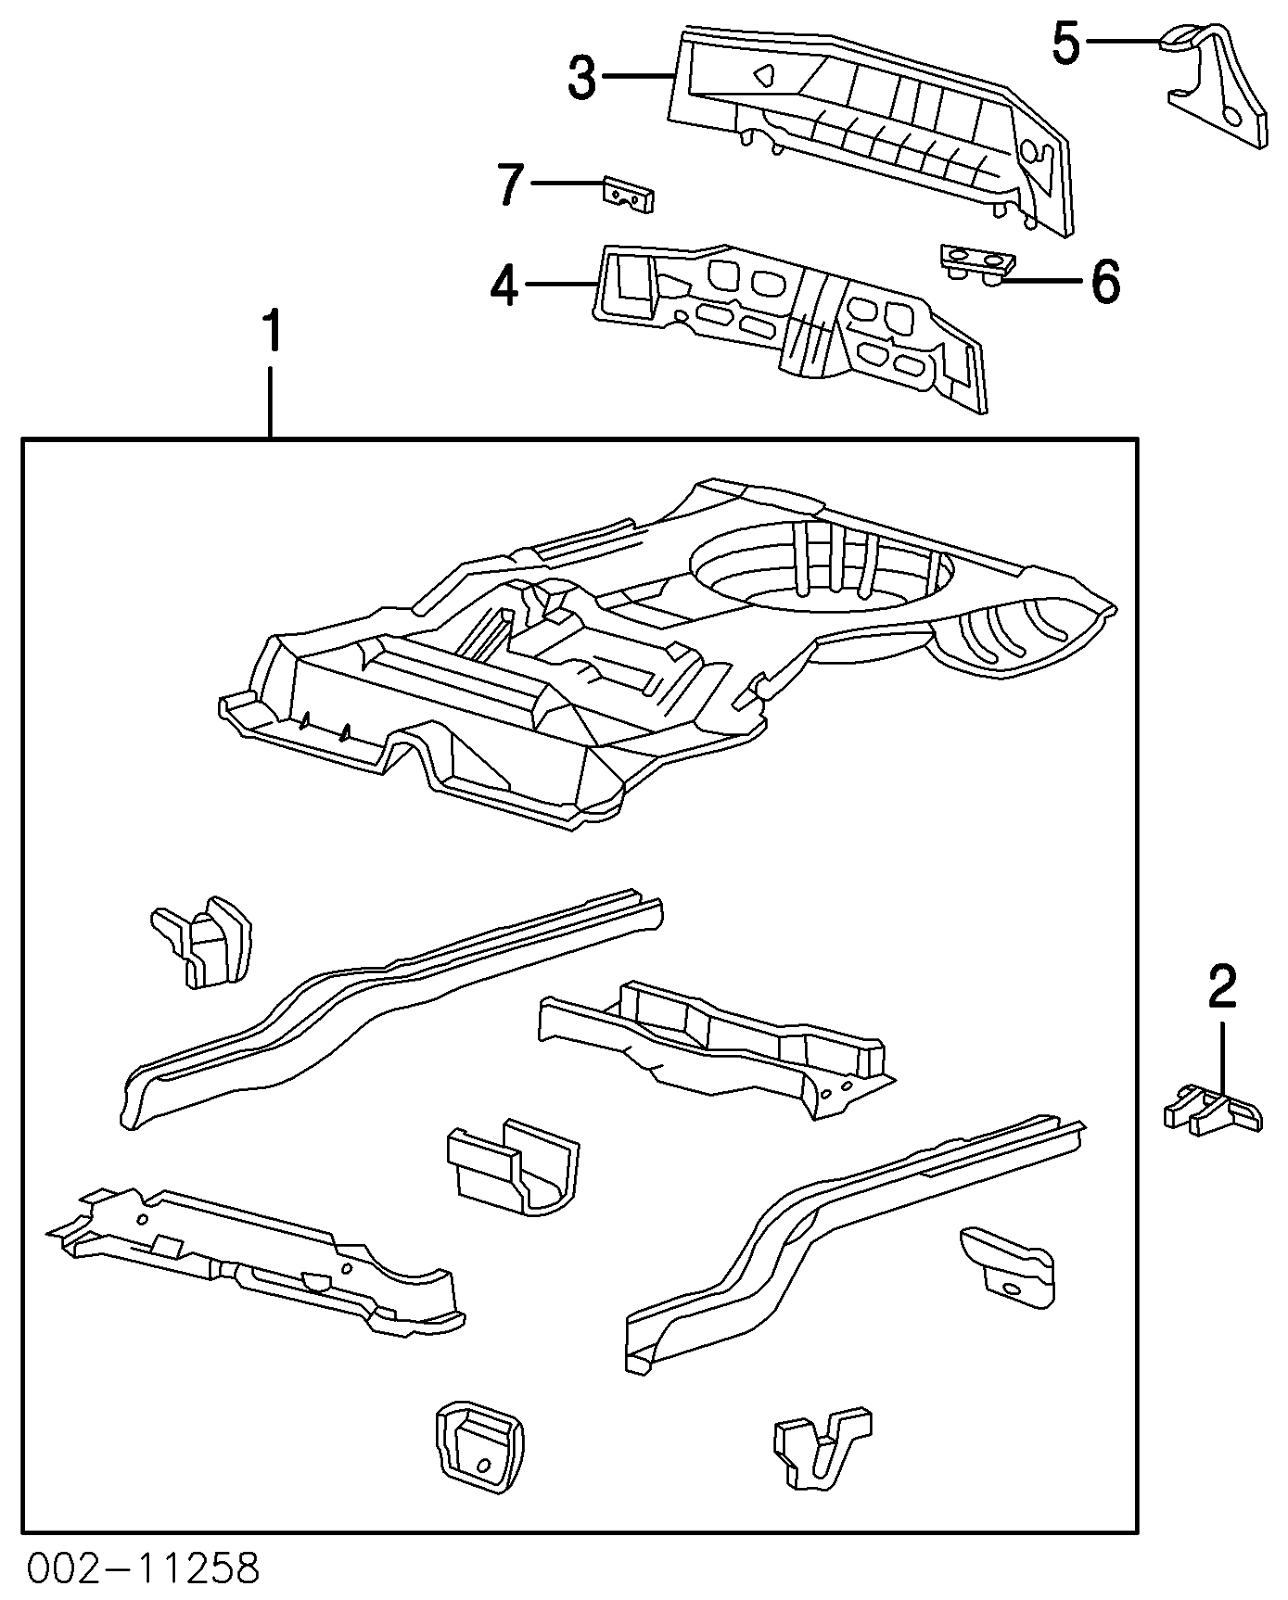 Ford Taurus Rear Body